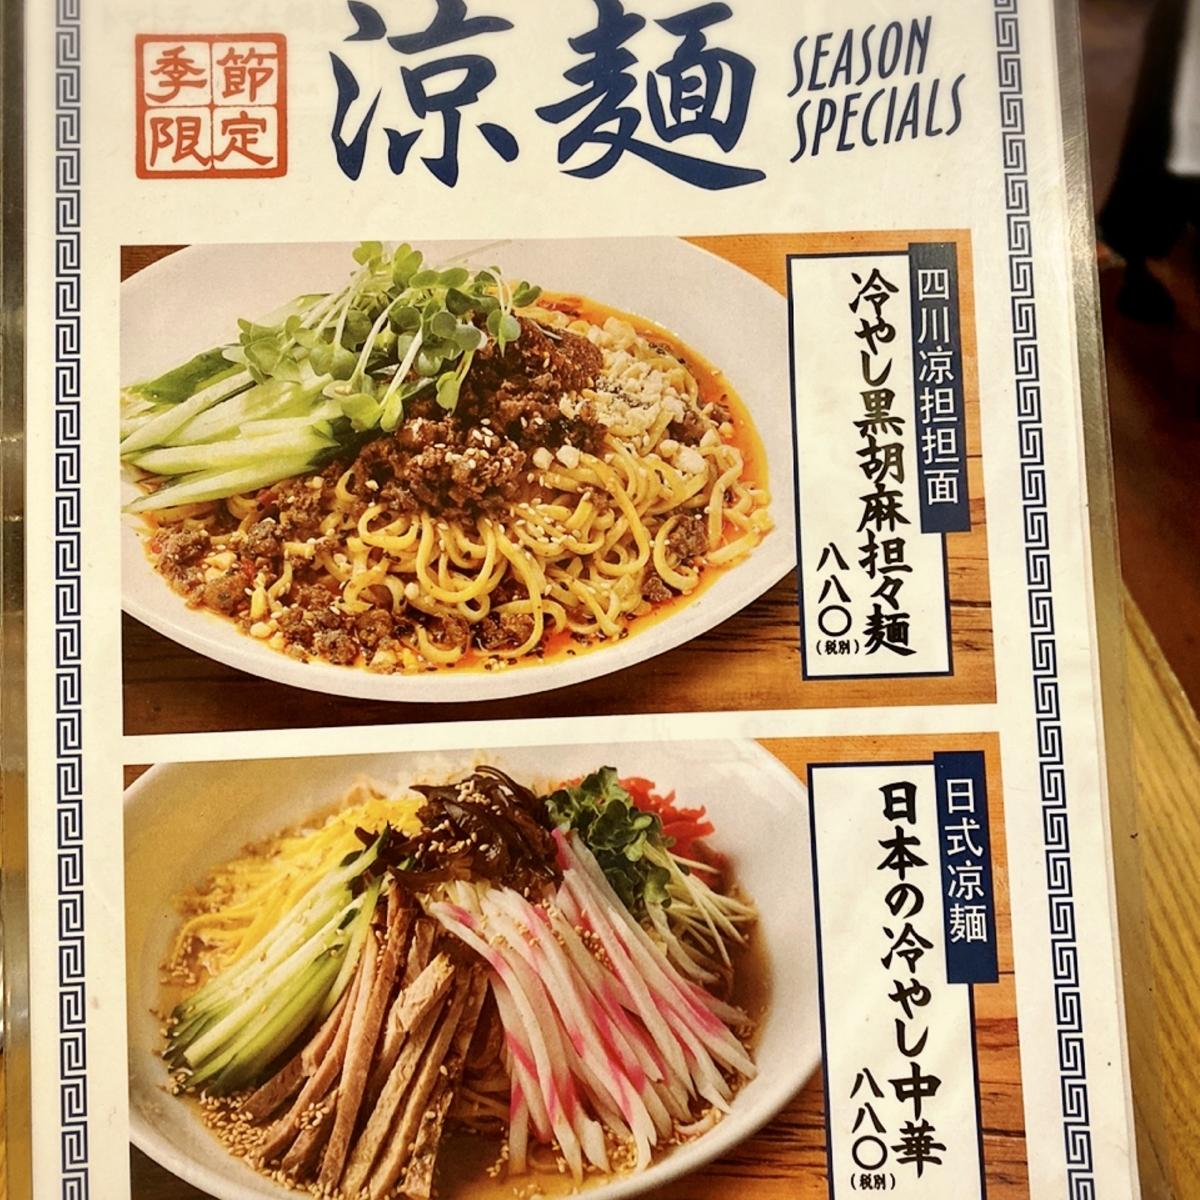 「蒼龍唐玉堂 吉祥寺店」のメニューと値段1